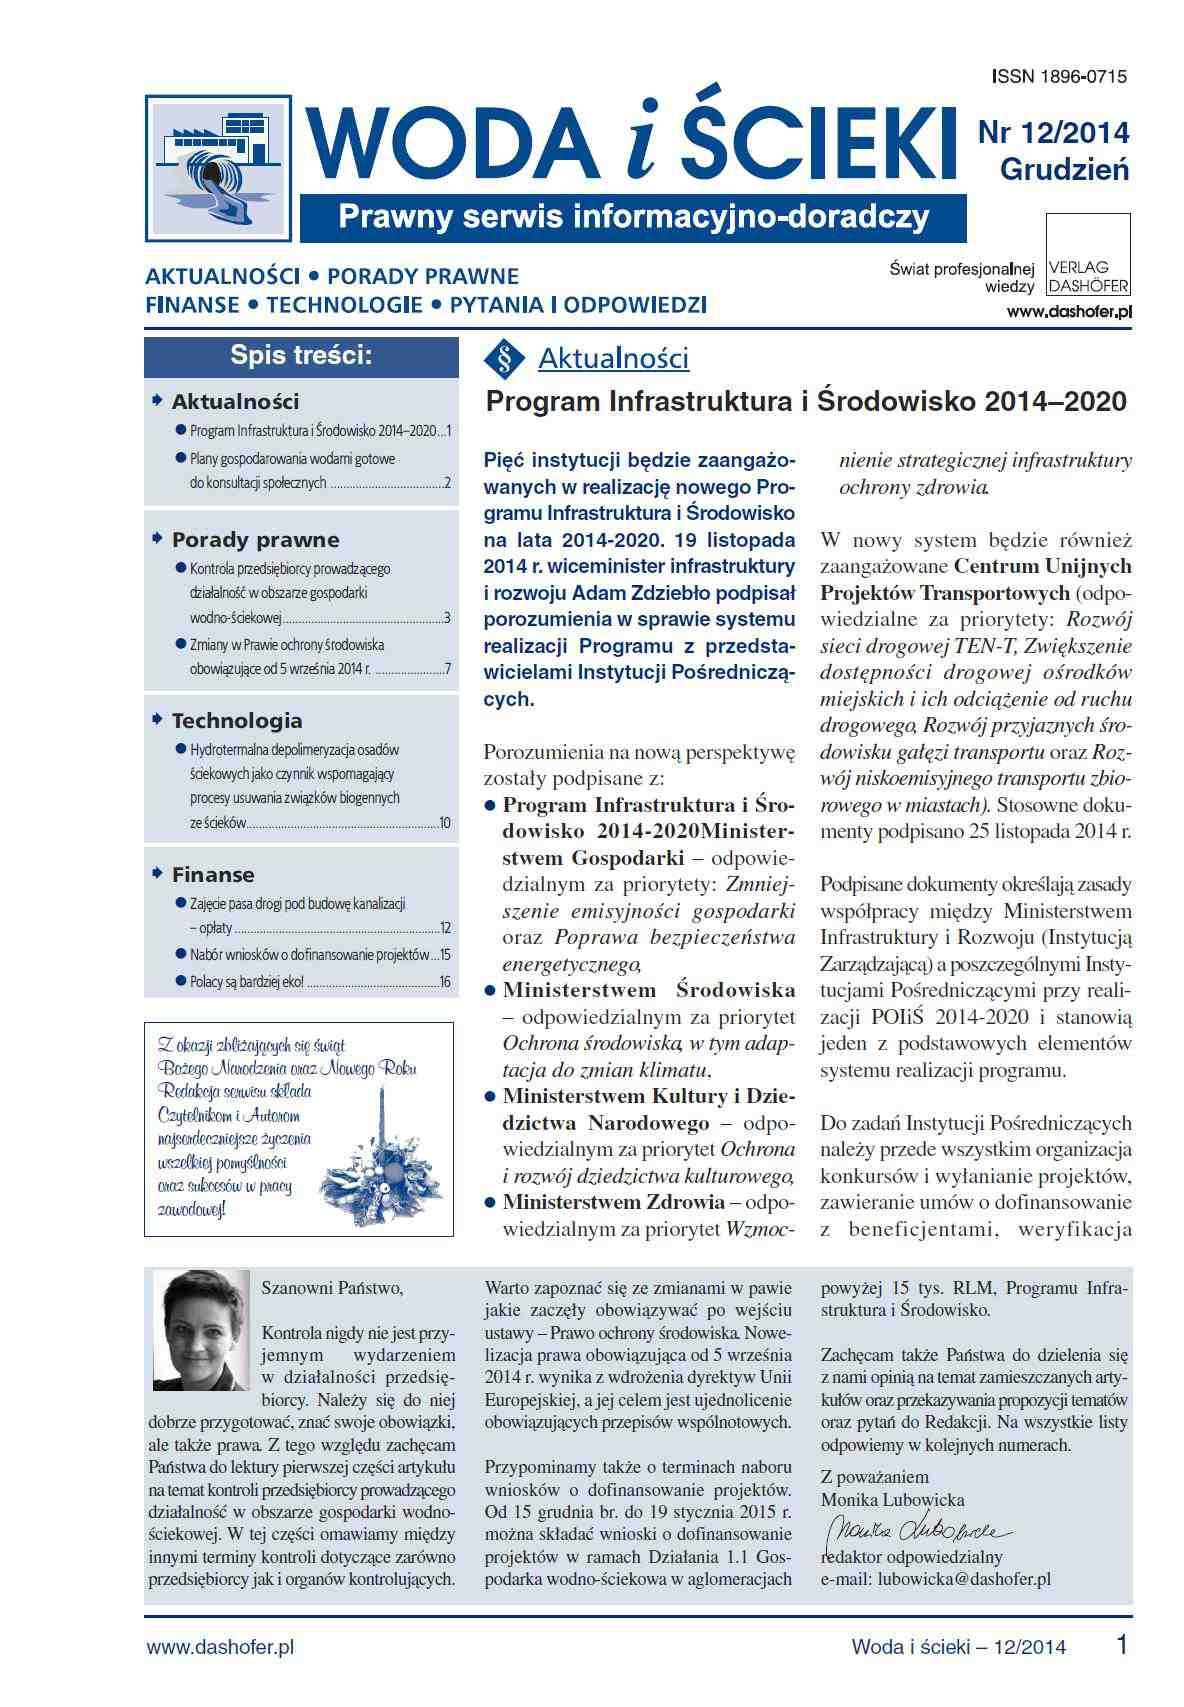 Woda i ścieki. Prawny serwis informacyjno-doradczy. Nr 12/2014 - Ebook (Książka PDF) do pobrania w formacie PDF